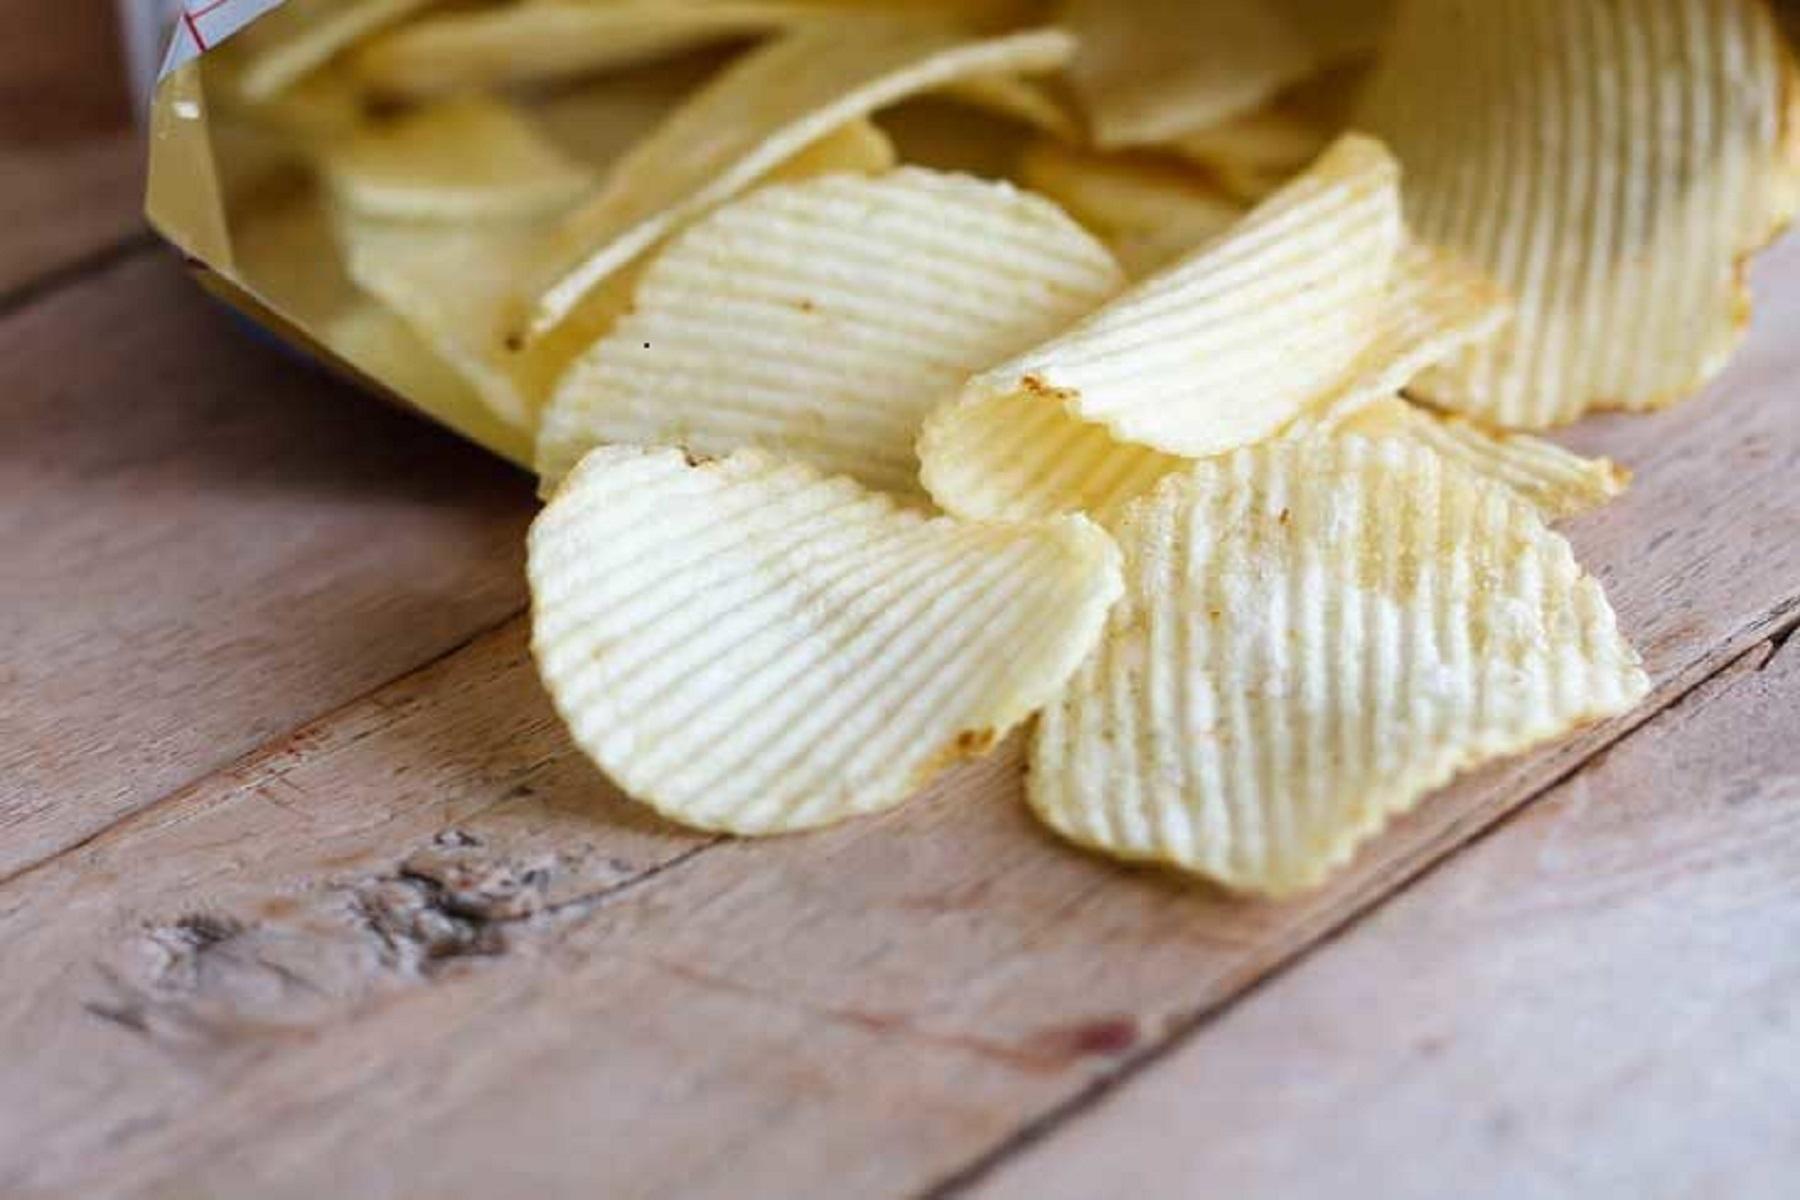 Υγιεινή διατροφή Junk food: Πώς να ισορροπείτε